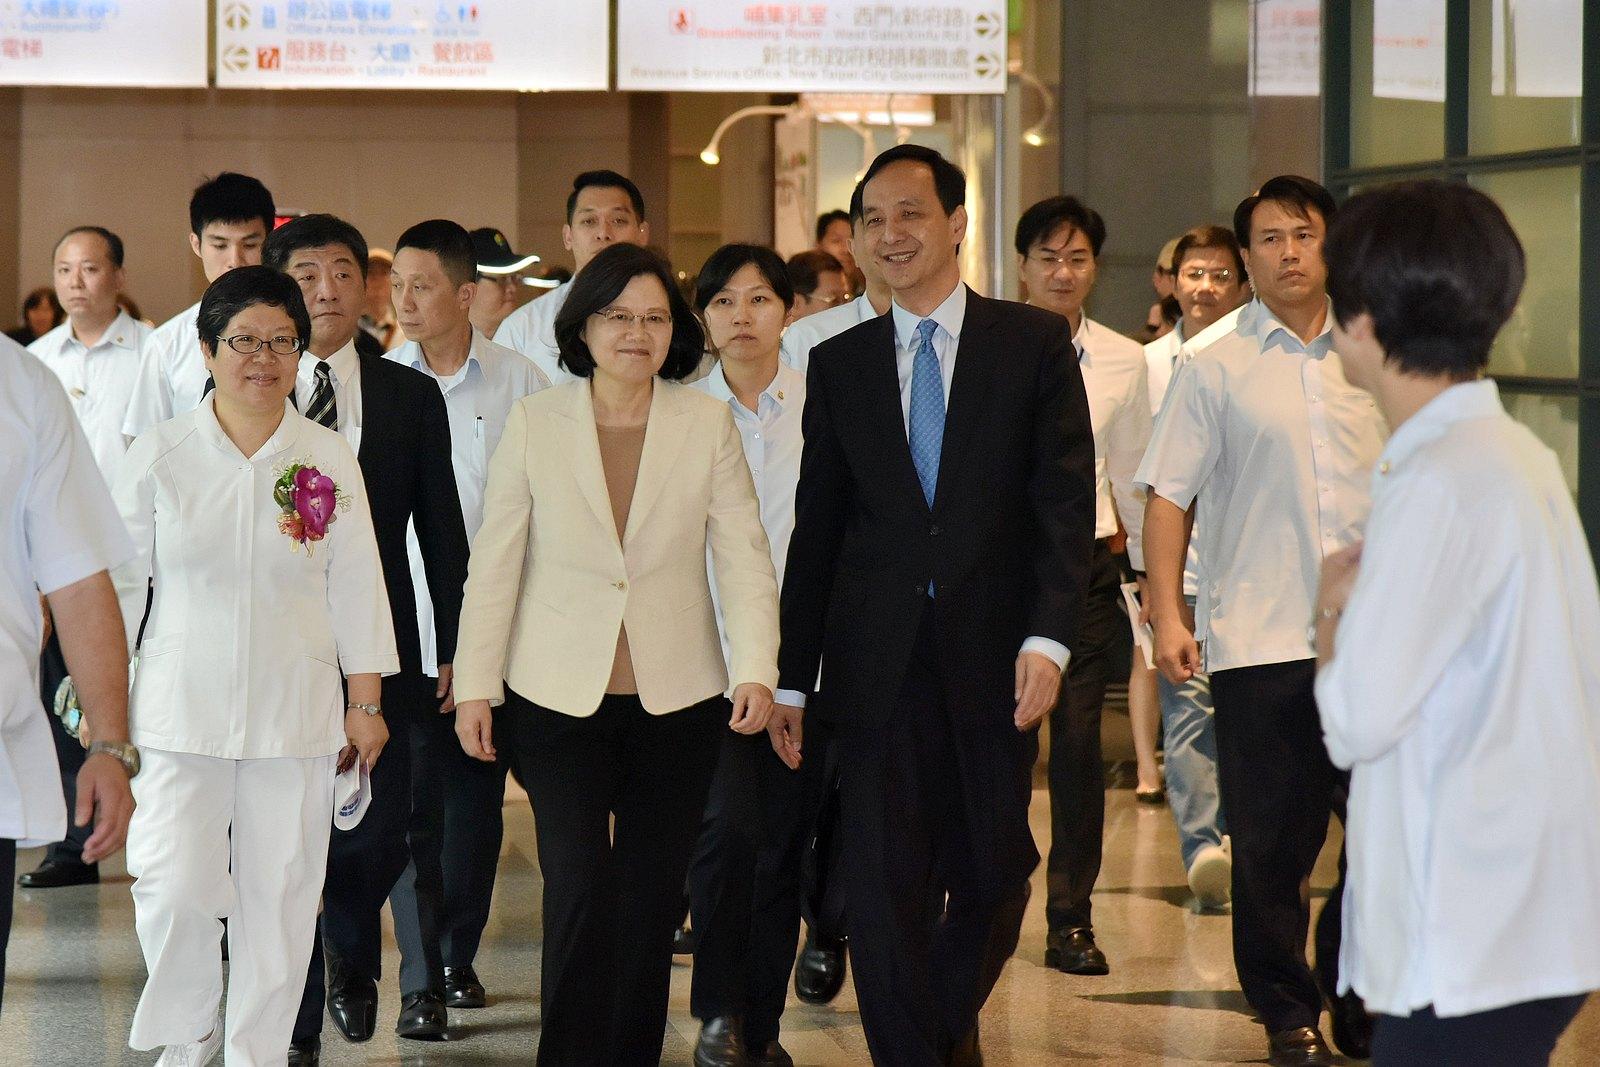 蔡總統 朱市長 出席國際護師節慶祝大會